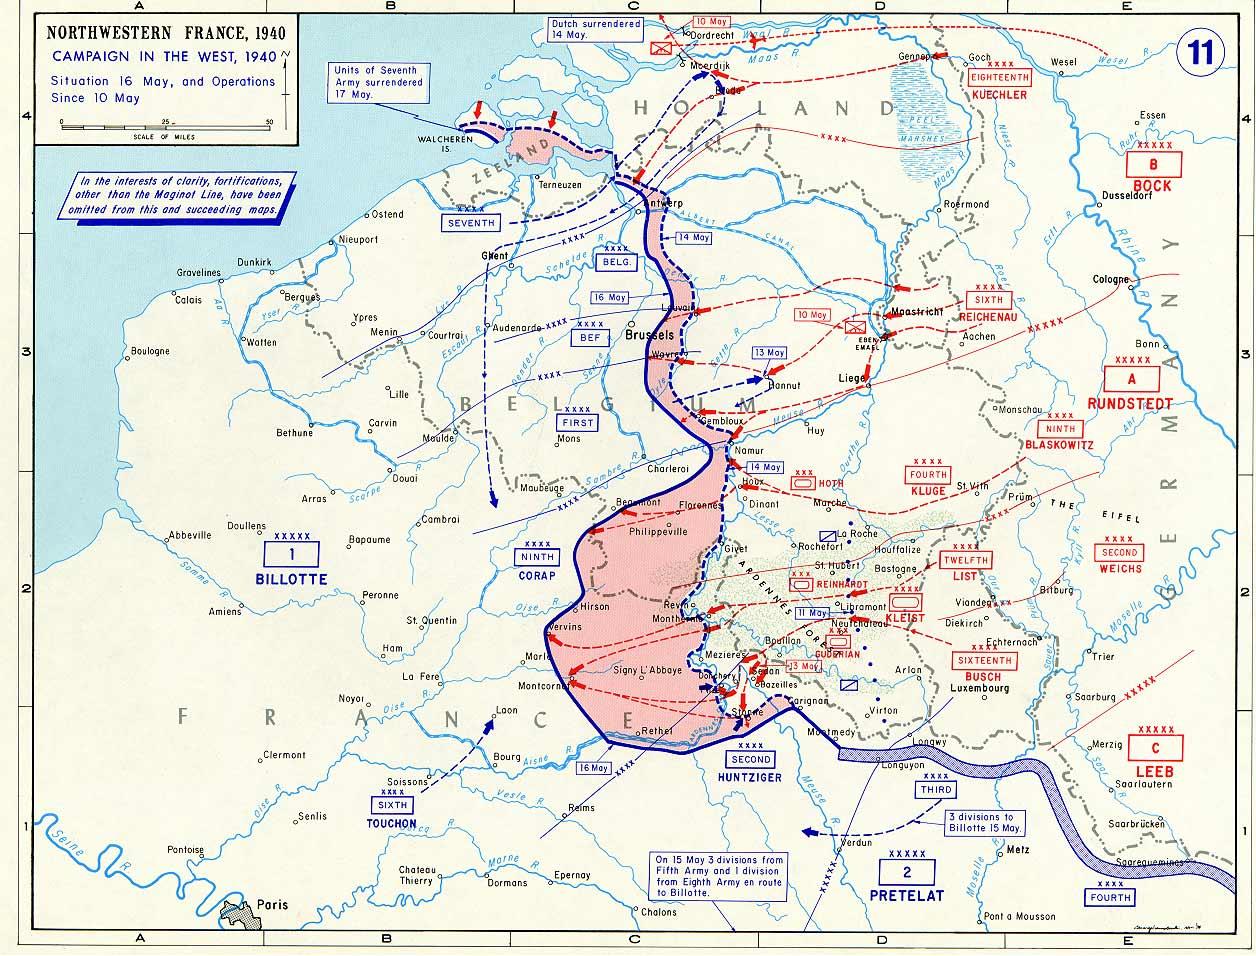 France-Nazi Germany war campaign map, May 10-16 May 1940